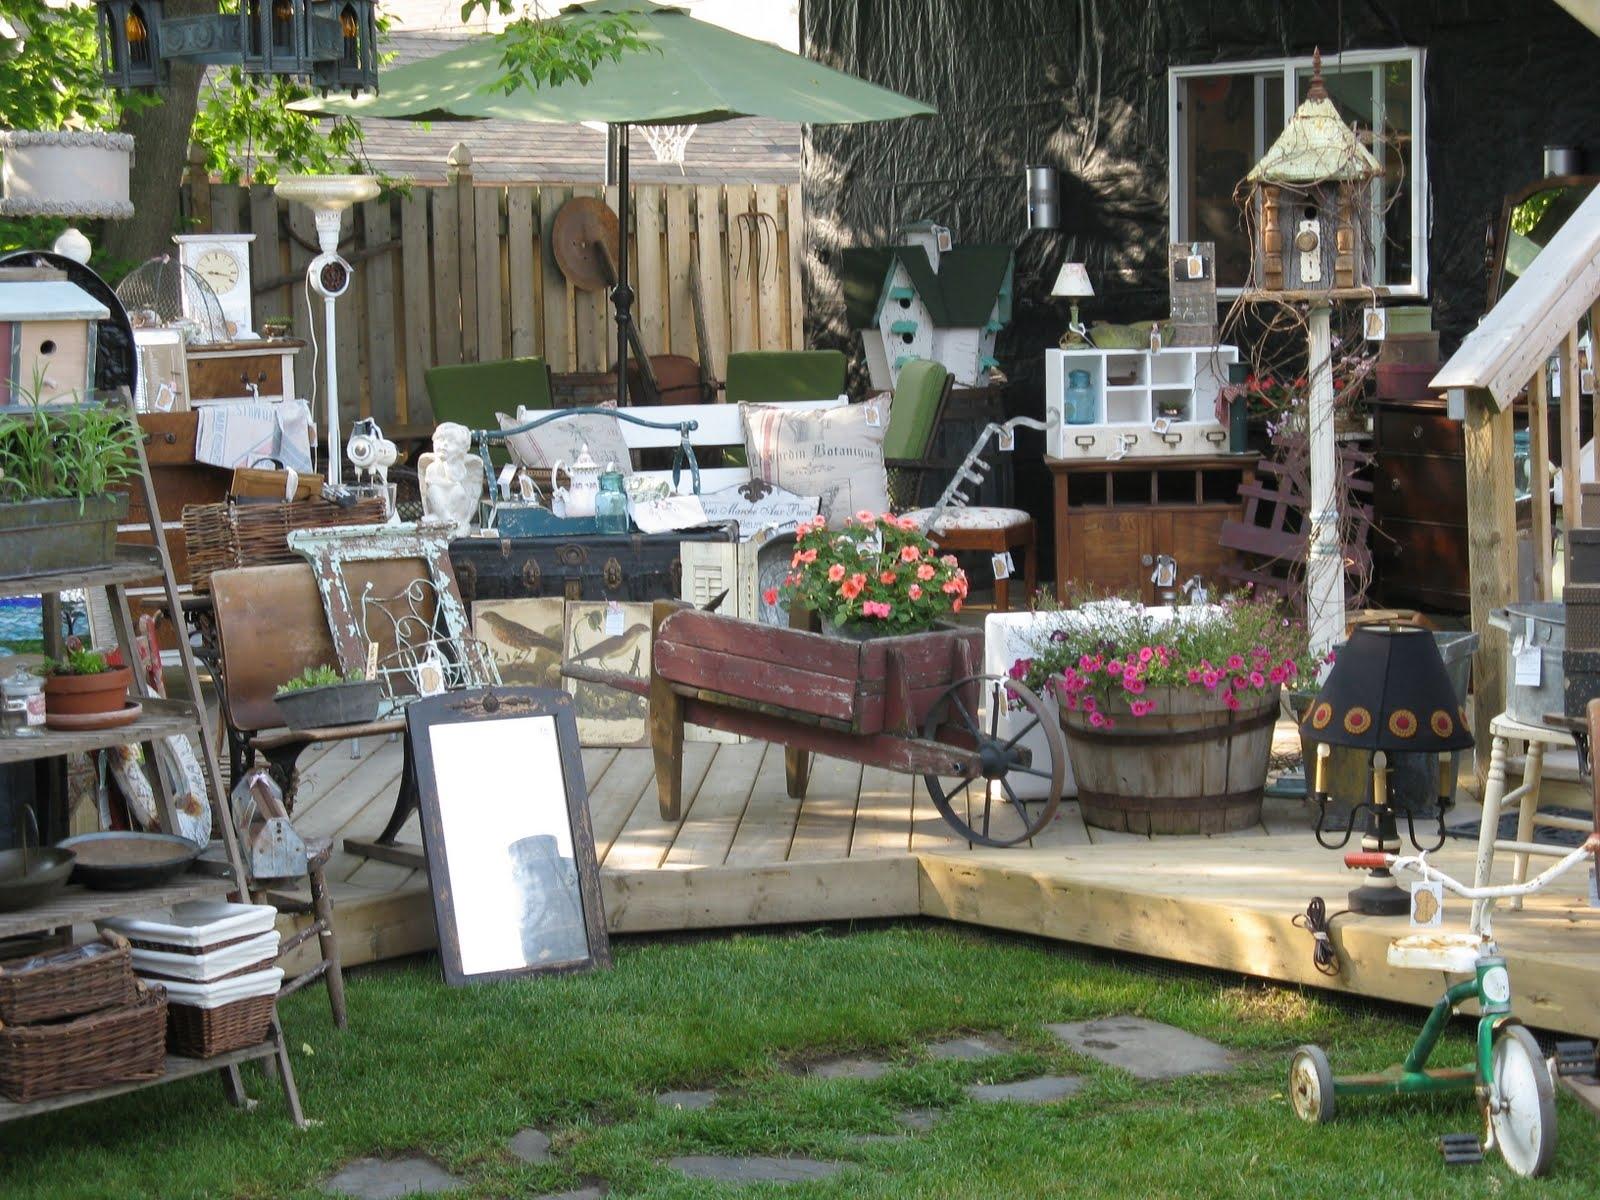 Arredo giardino usato accessori per esterno for Arredo giardino